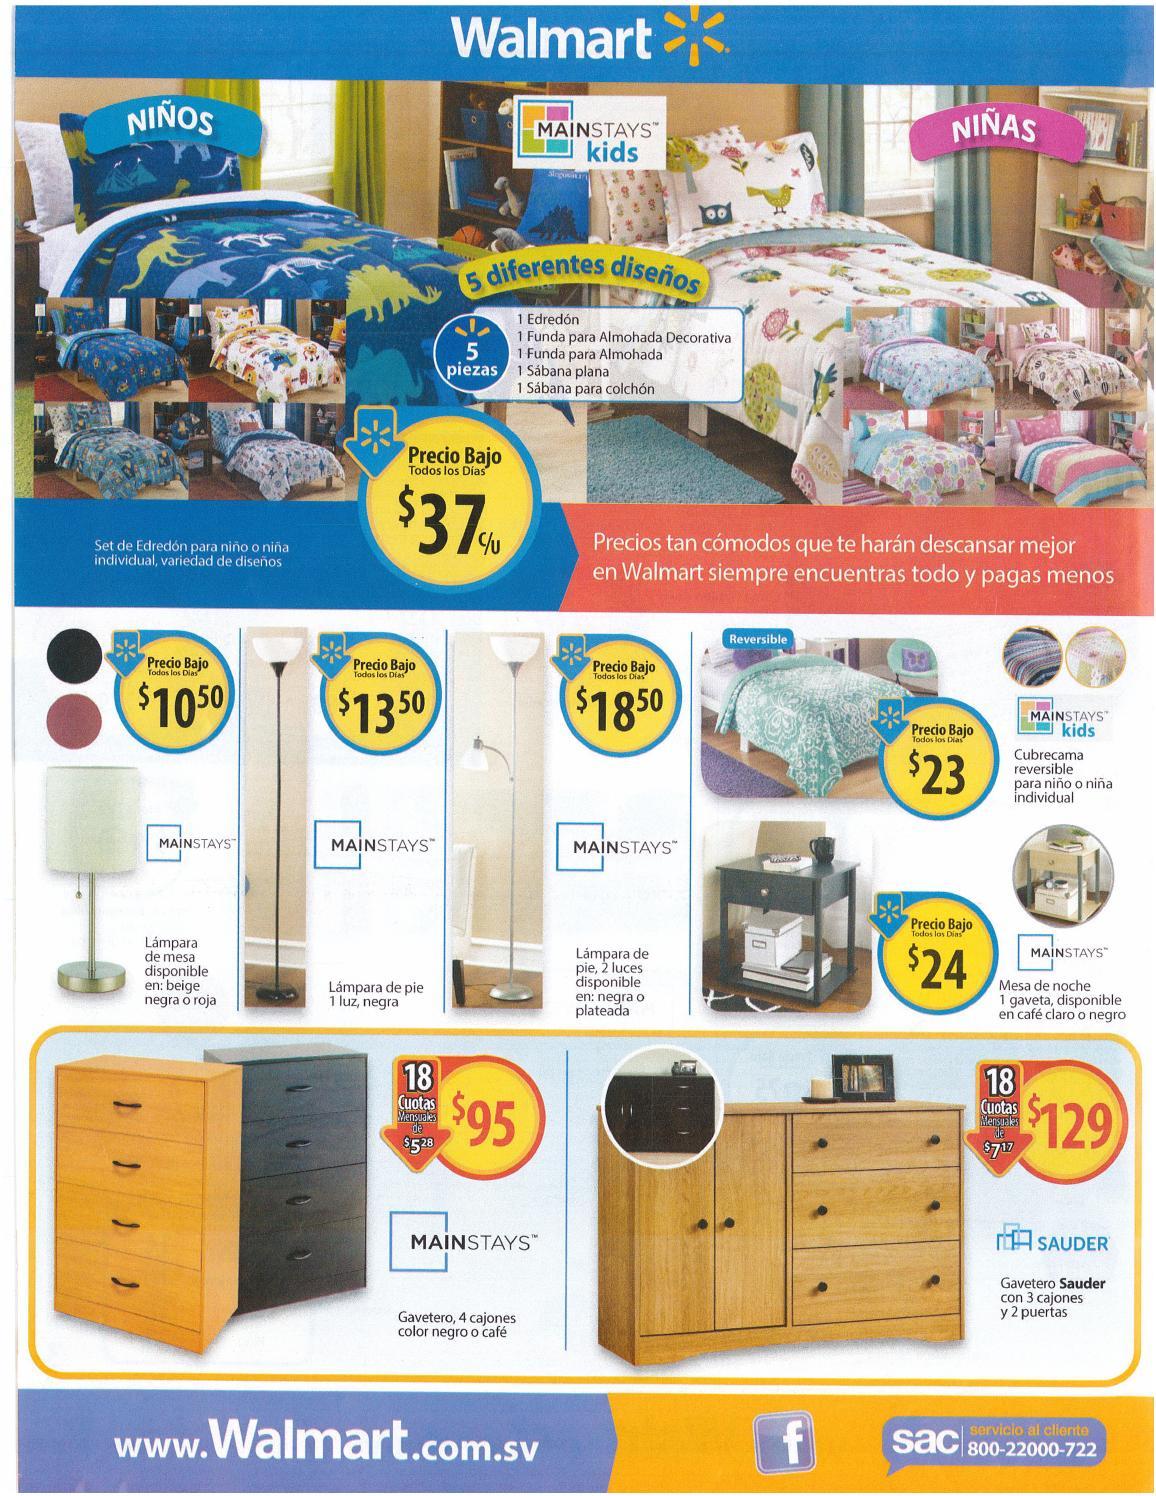 Cómo Colchones Walmart Galería De Colchones Muebles